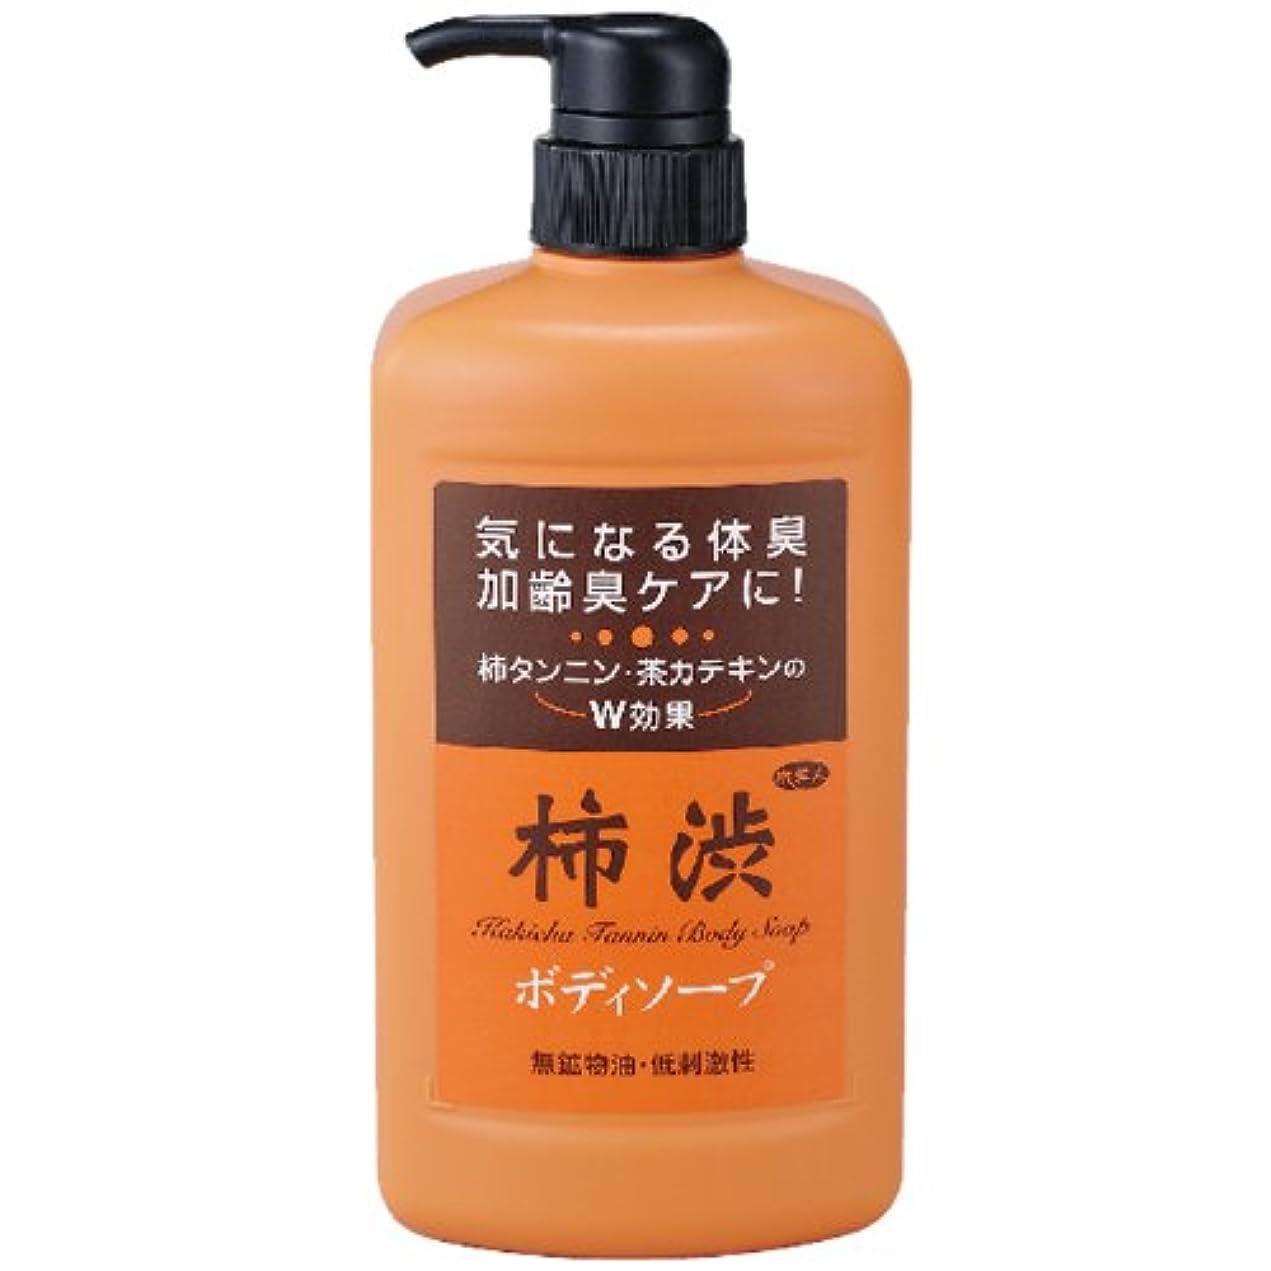 凍る腰ビンアズマ商事の 柿渋ボディソープ850ml